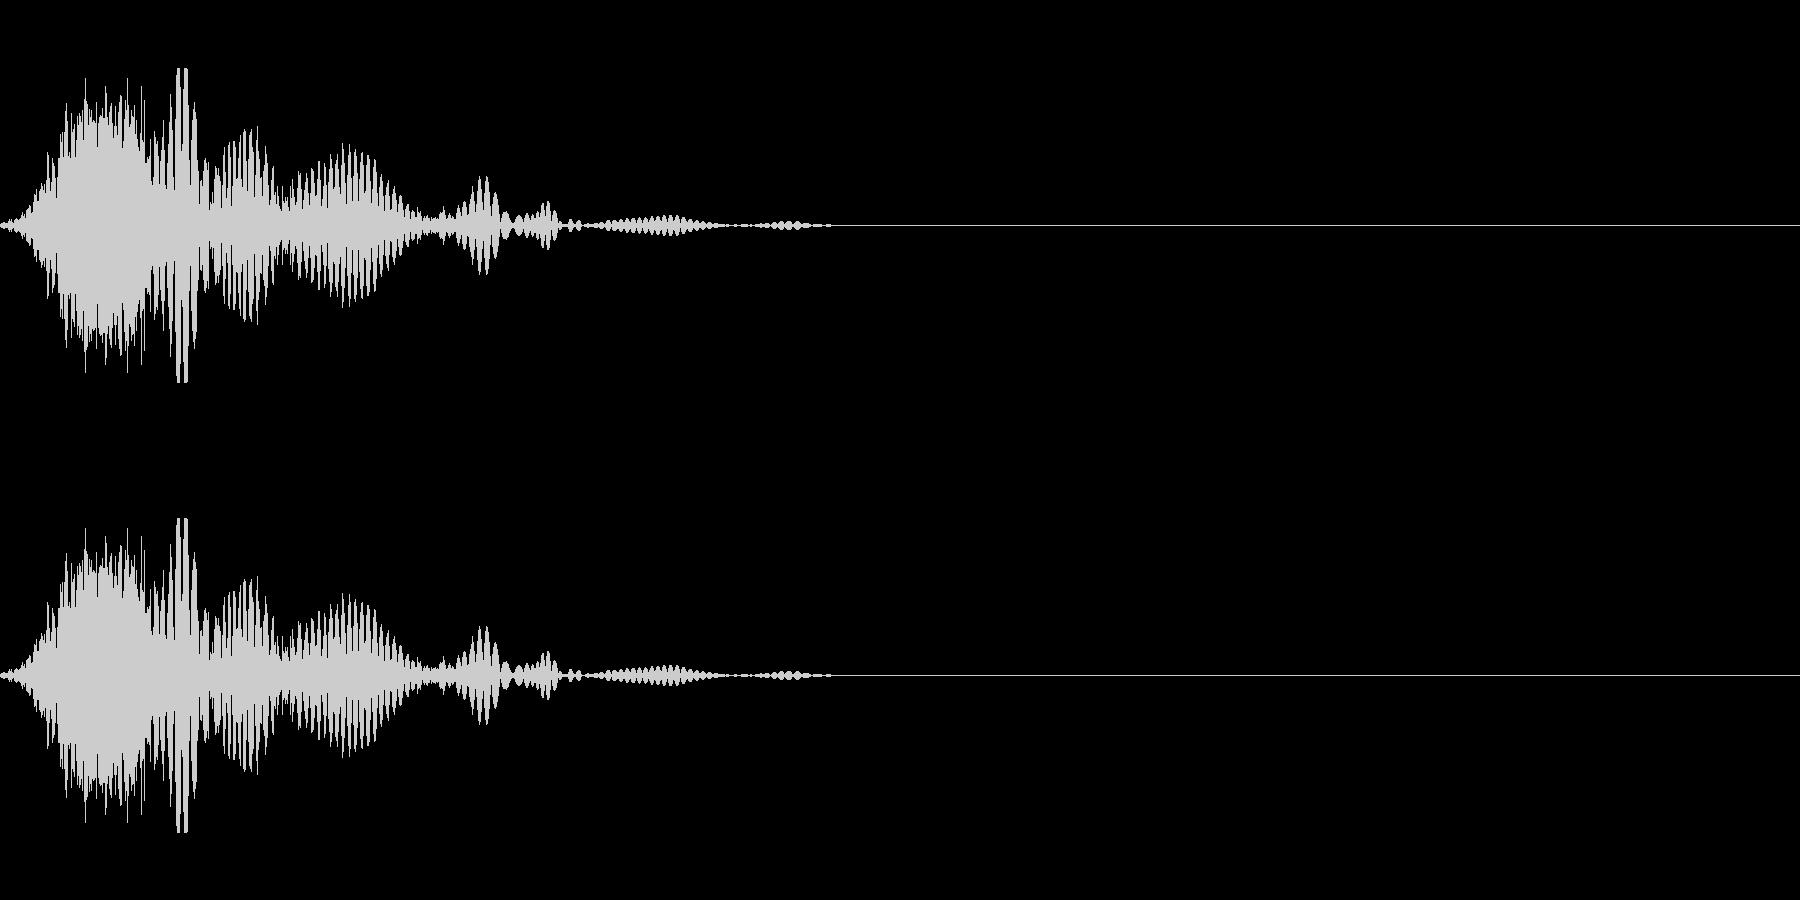 斬撃音(刀や剣で斬る/刺す効果音) 17の未再生の波形